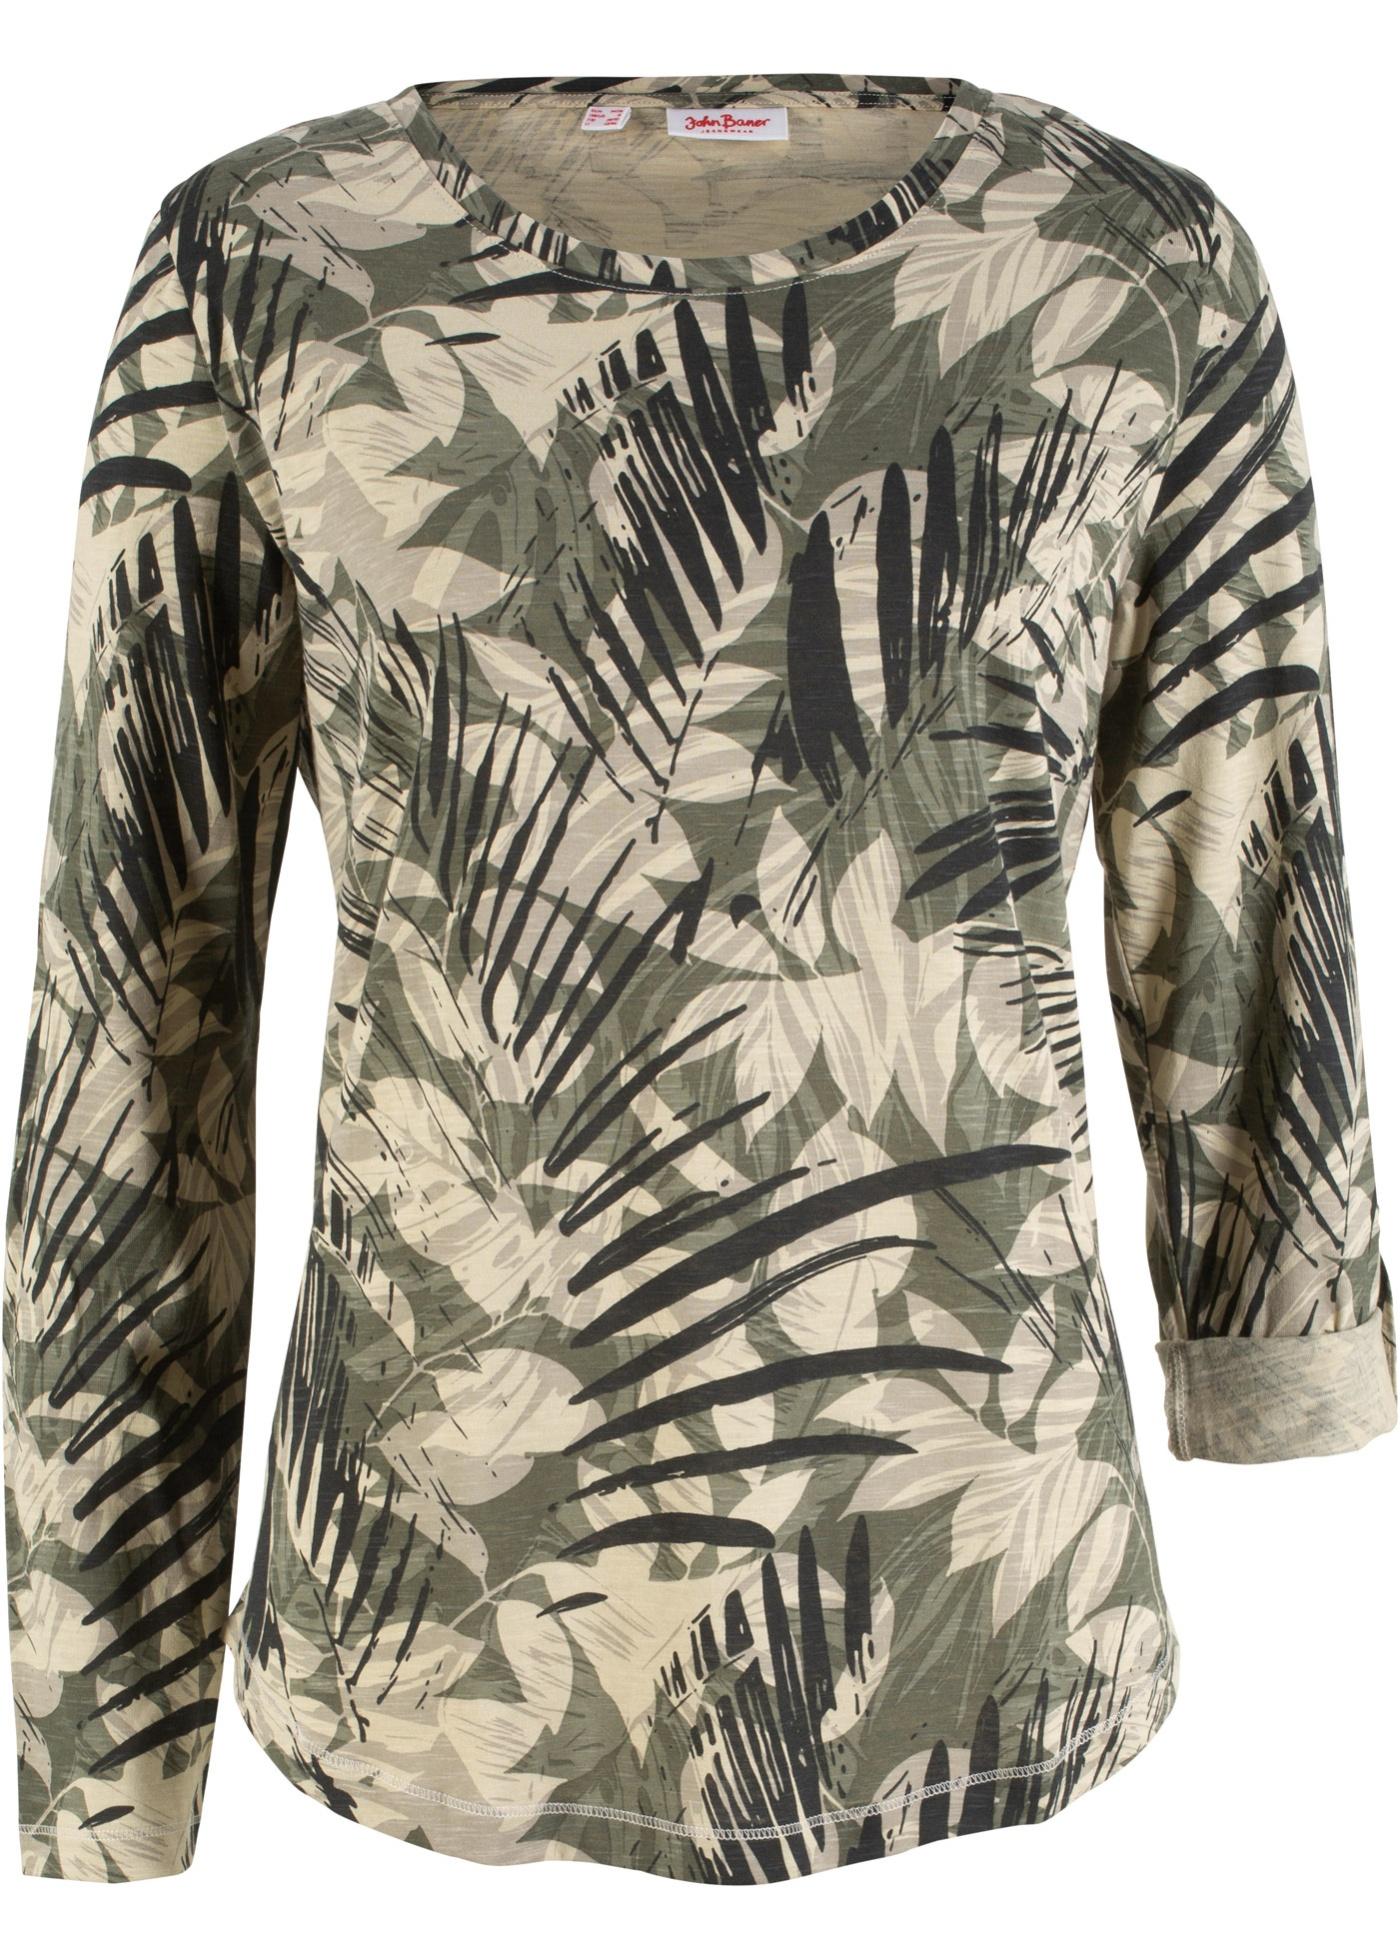 Image of Baumwoll Shirt, bedruckt, Langarm